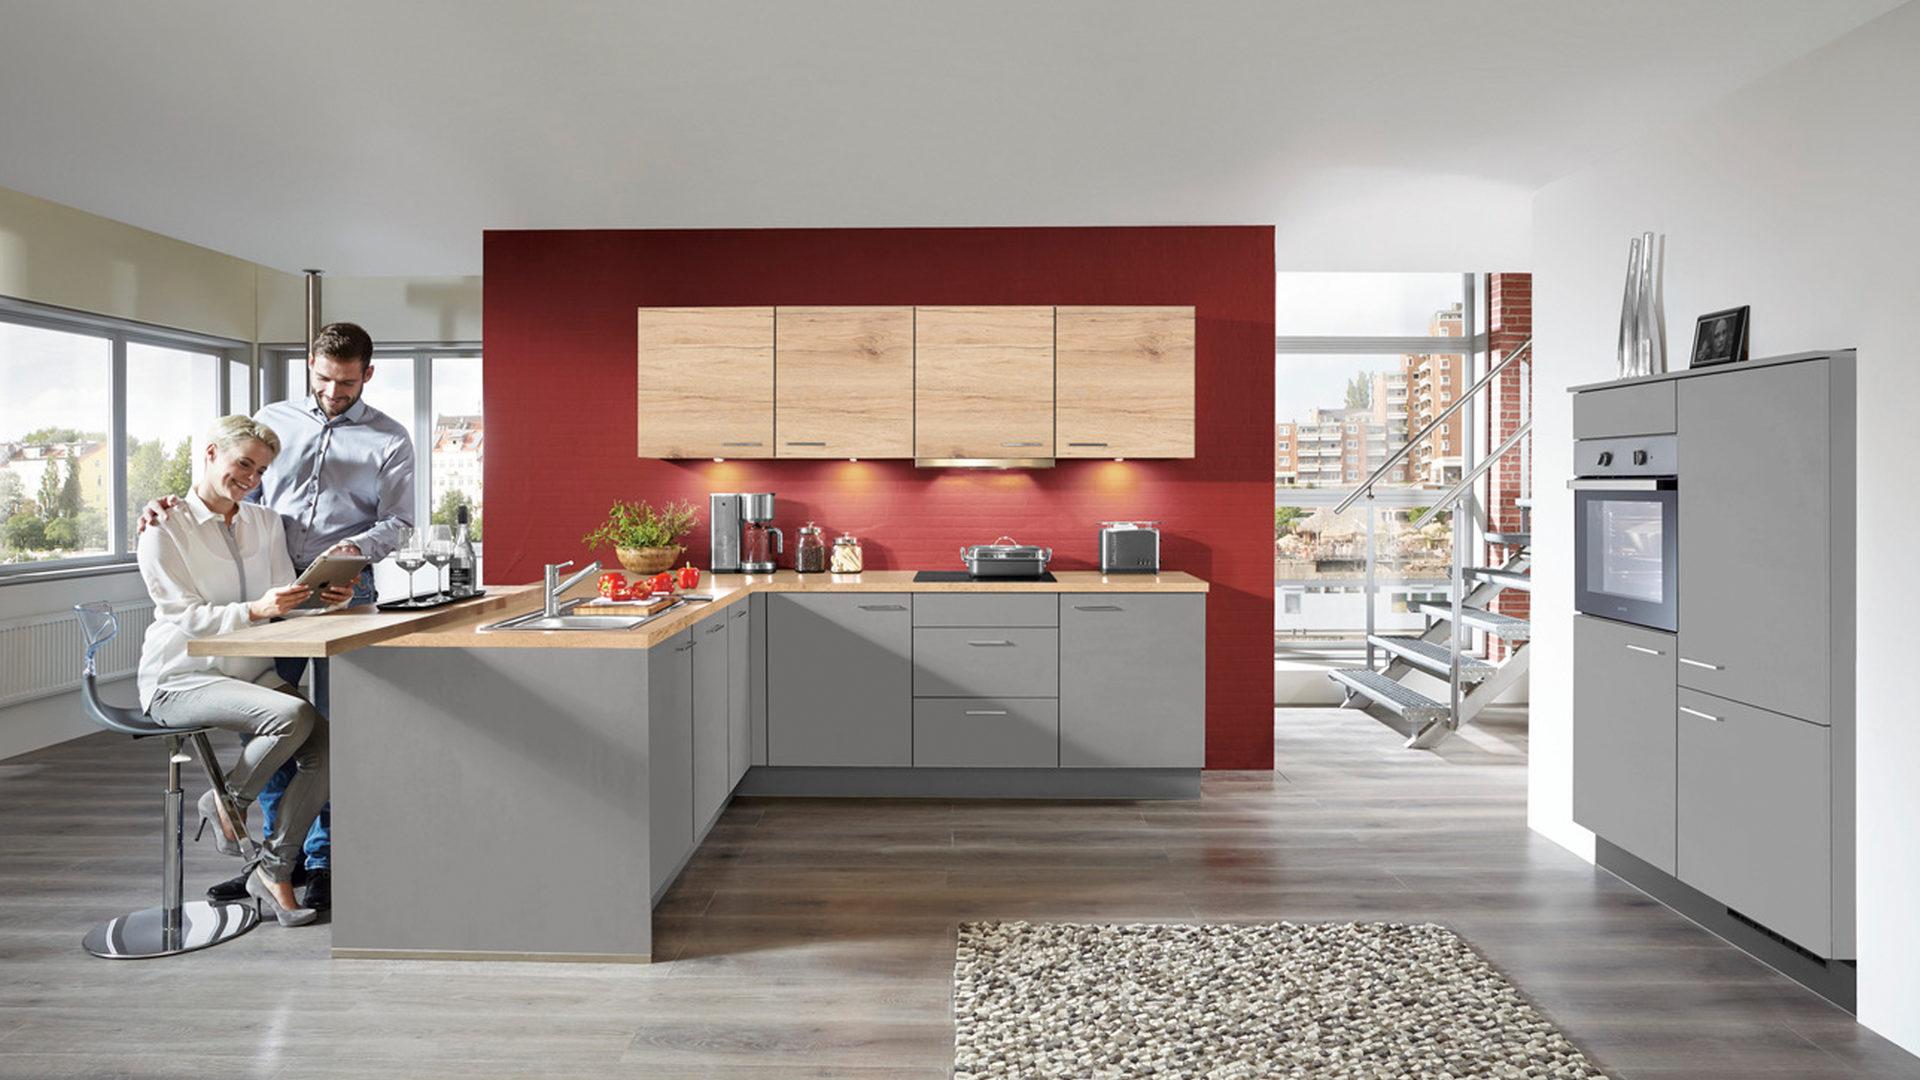 Möbel Bernskötter Mülheim, Küchen, Einbauküche, Einbauküche mit ...